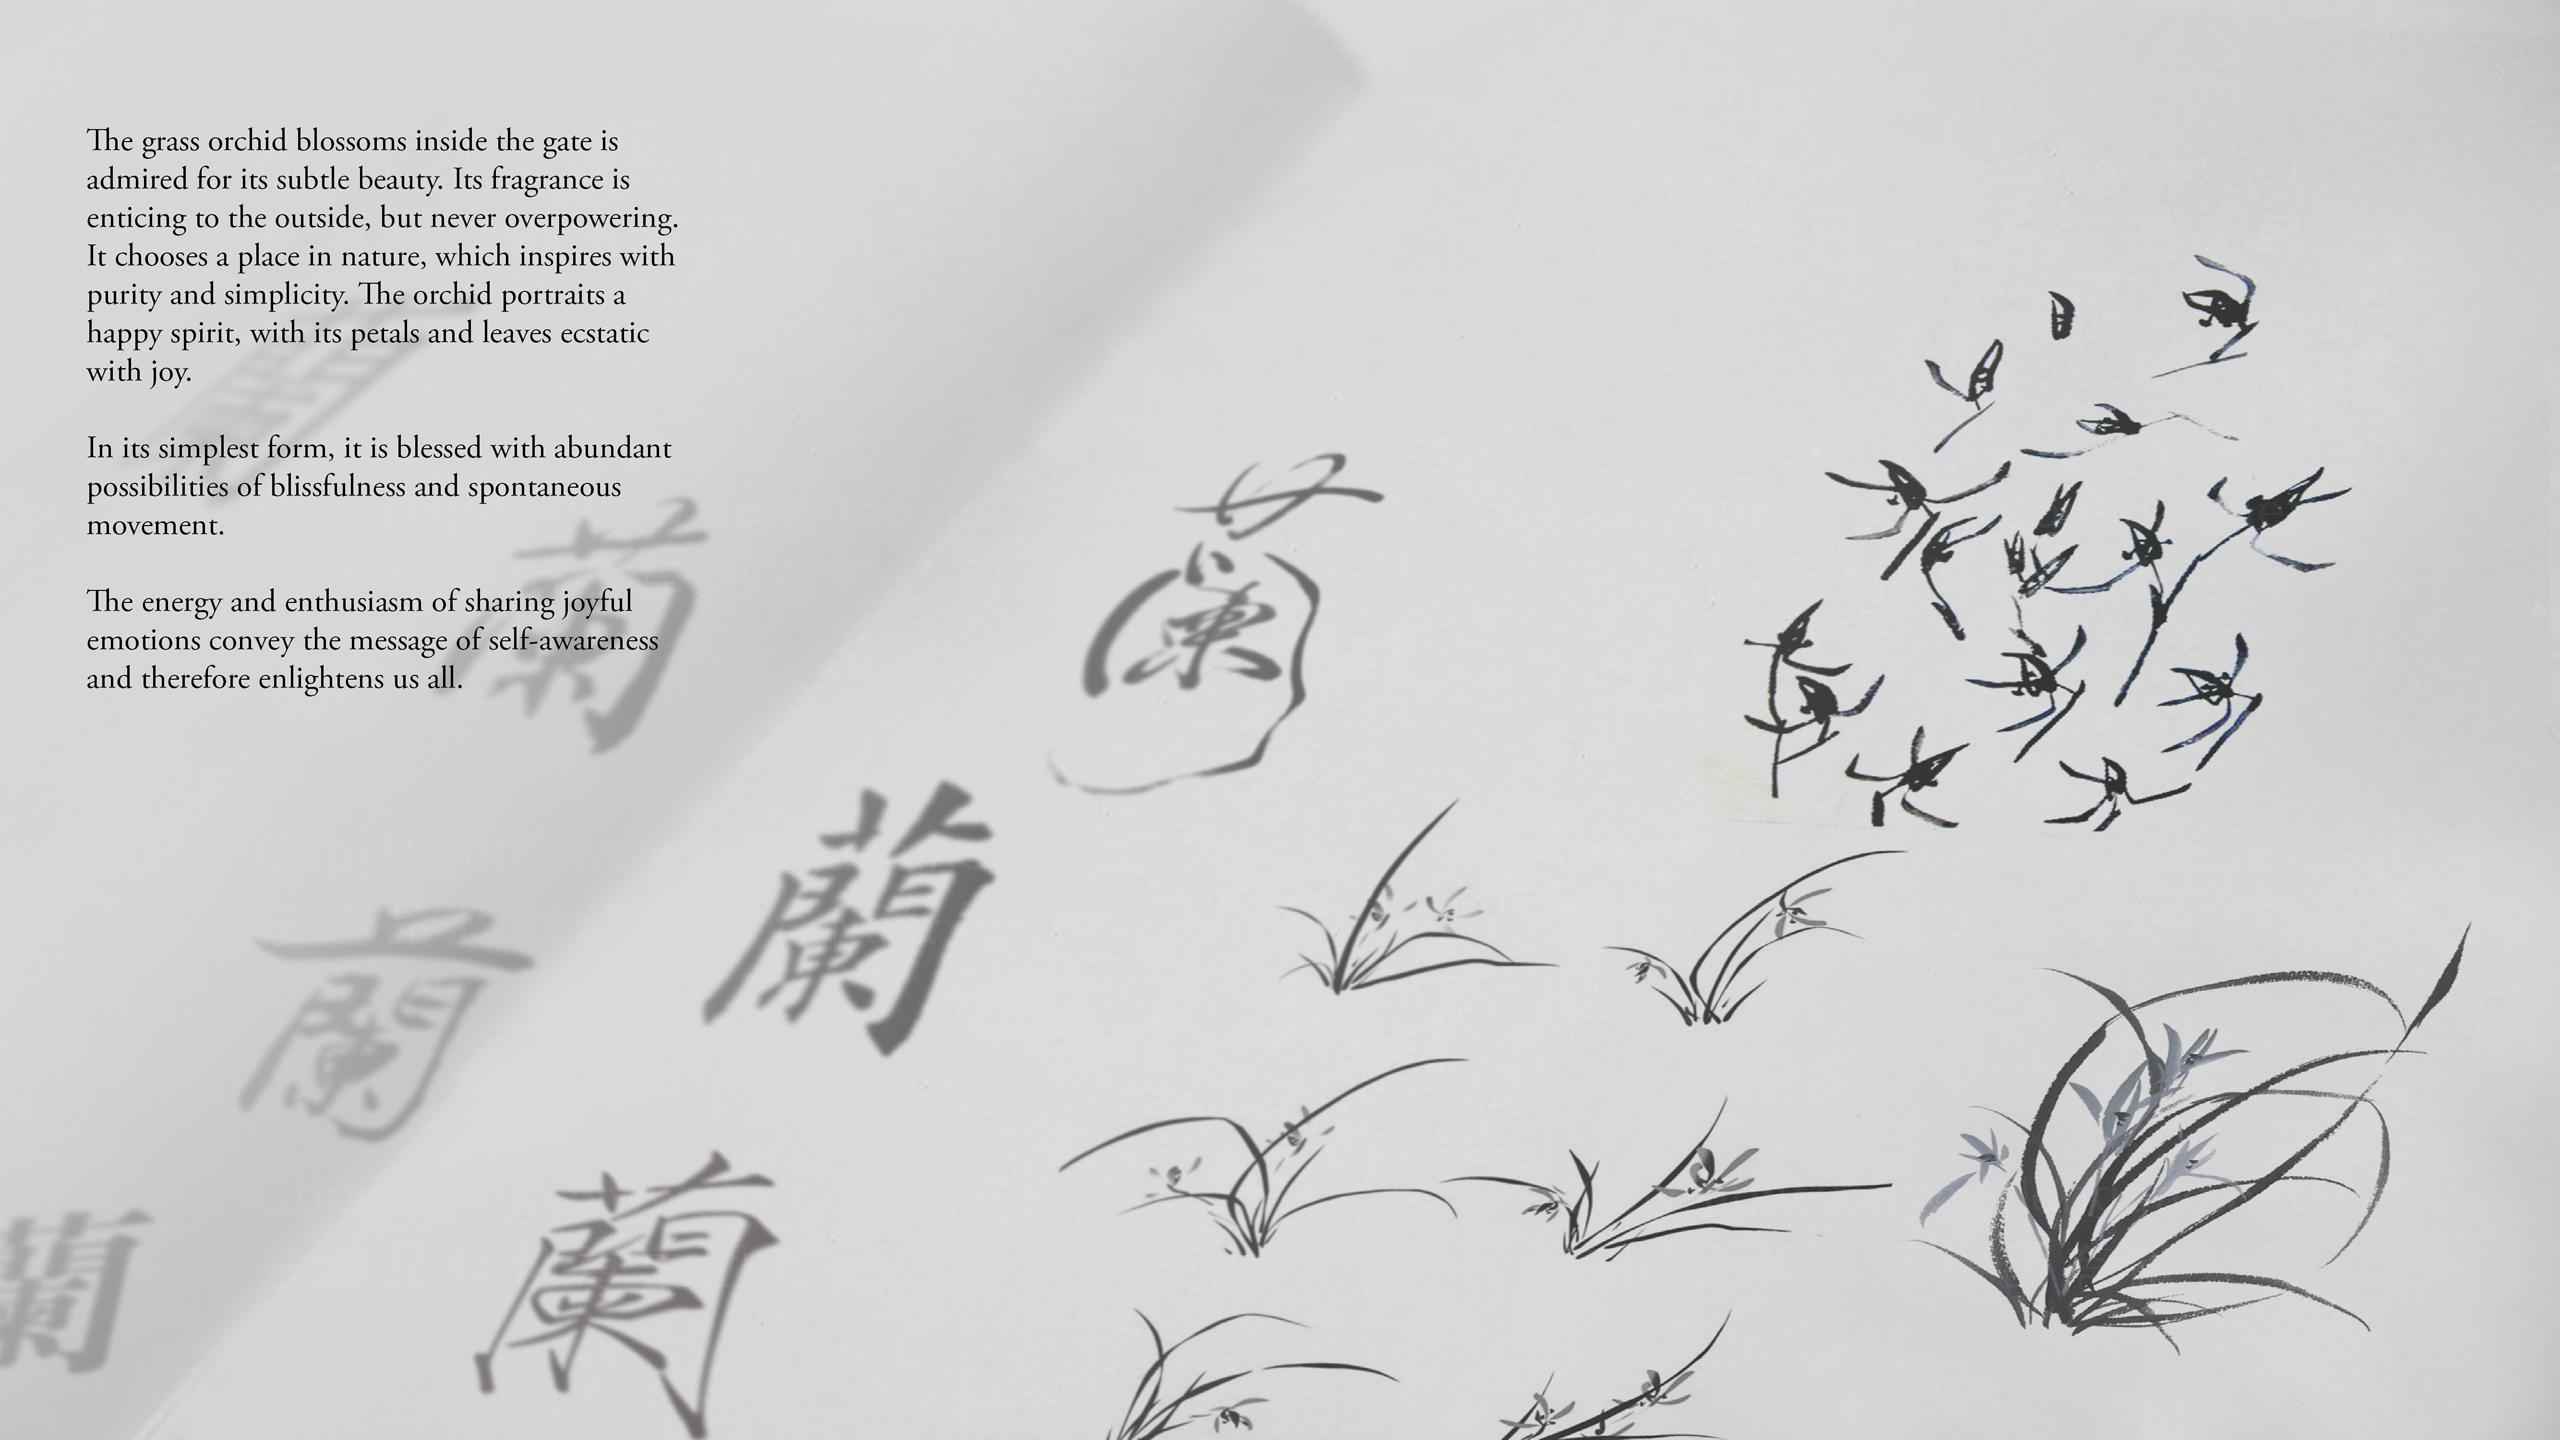 政府组织品牌设计兰花大会LOGO设计